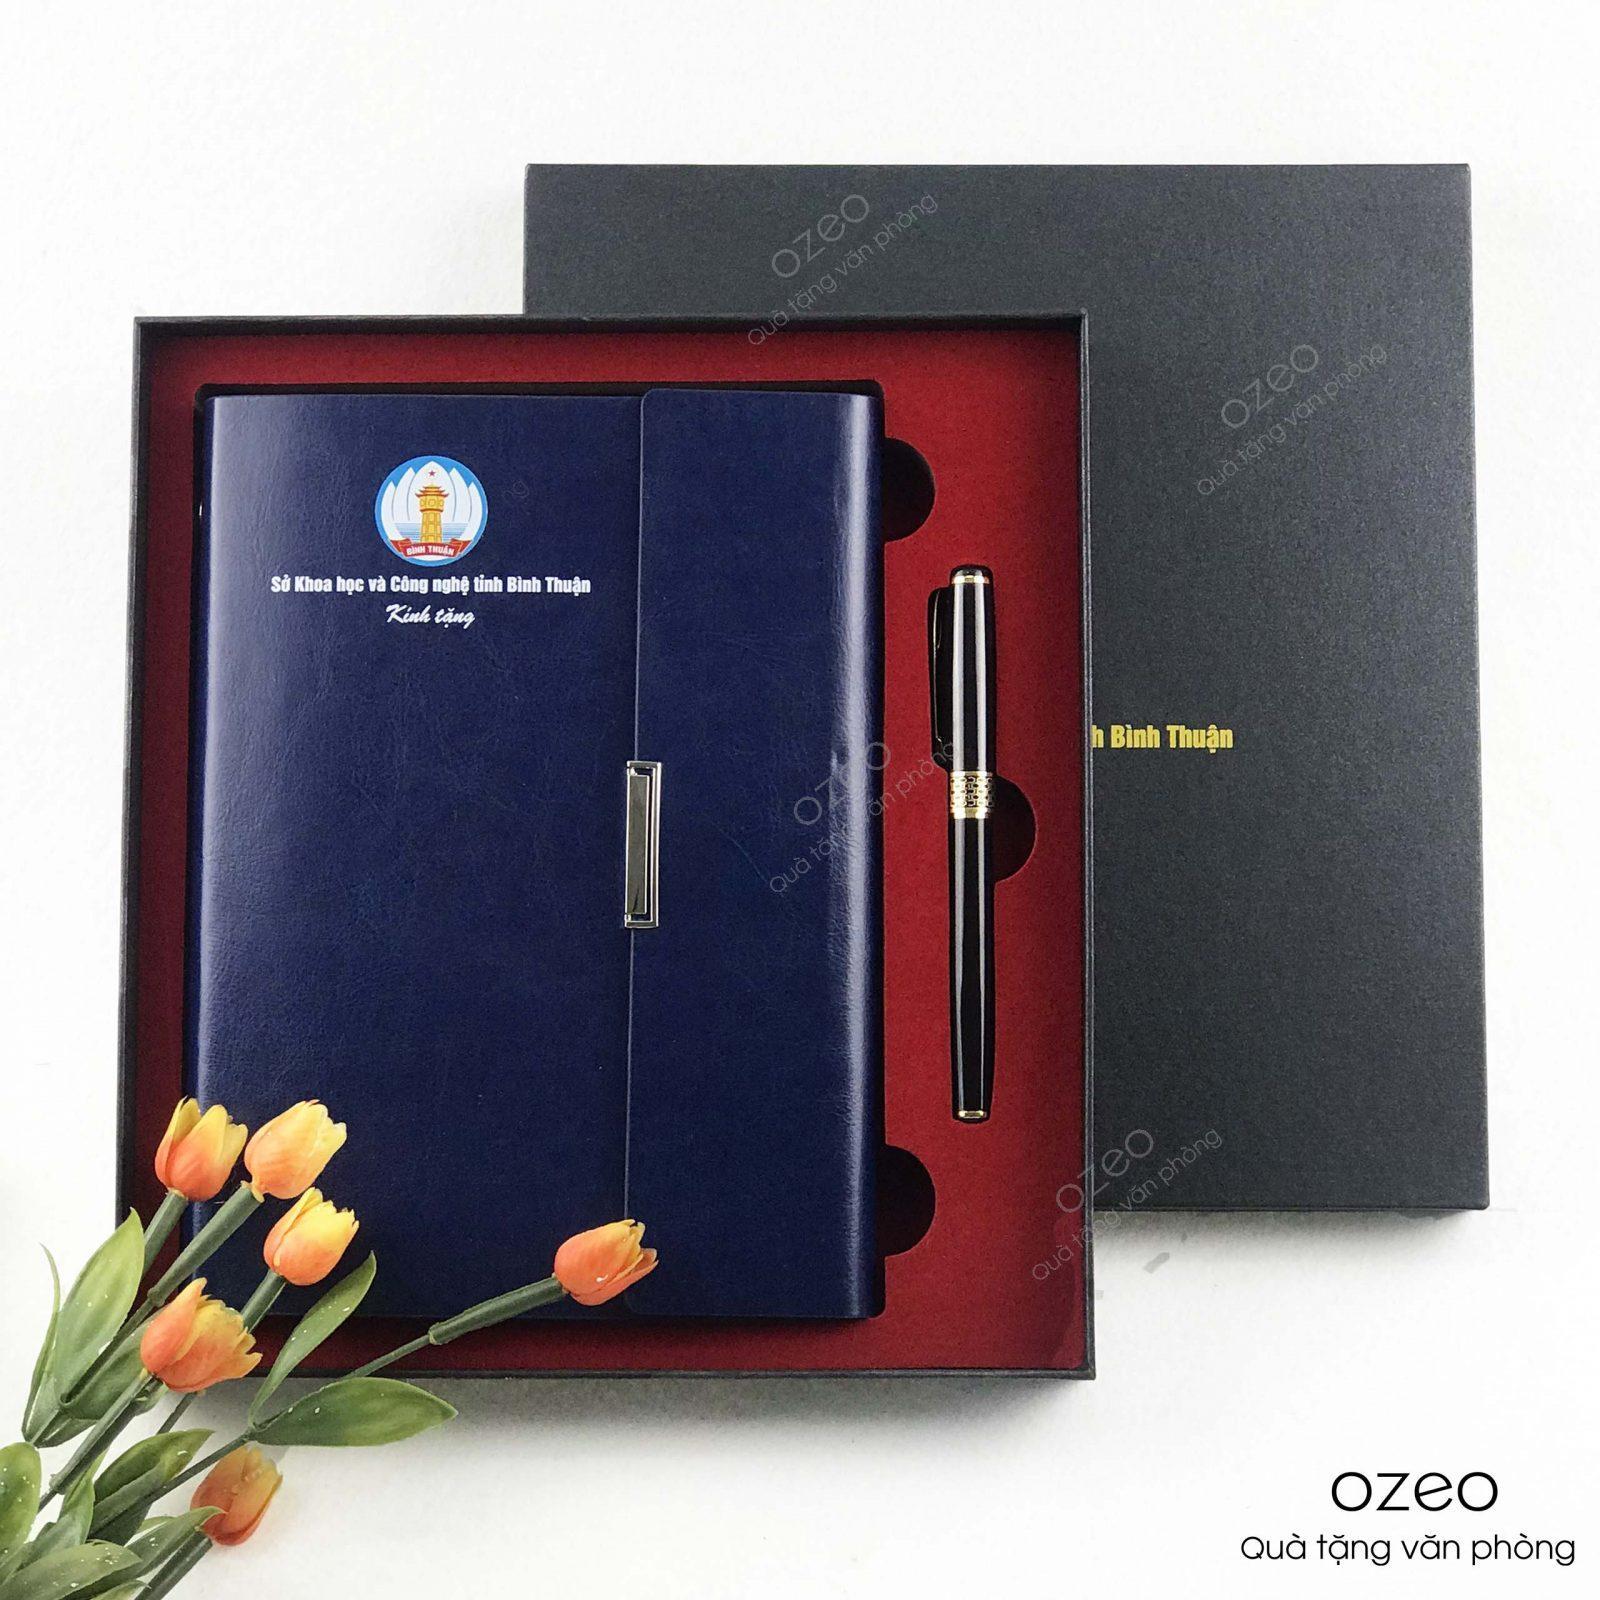 Bộ quà tặng sổ tay kèm bút ký in logo theo yêu cầu làm quà tặng doanh nghiệp.